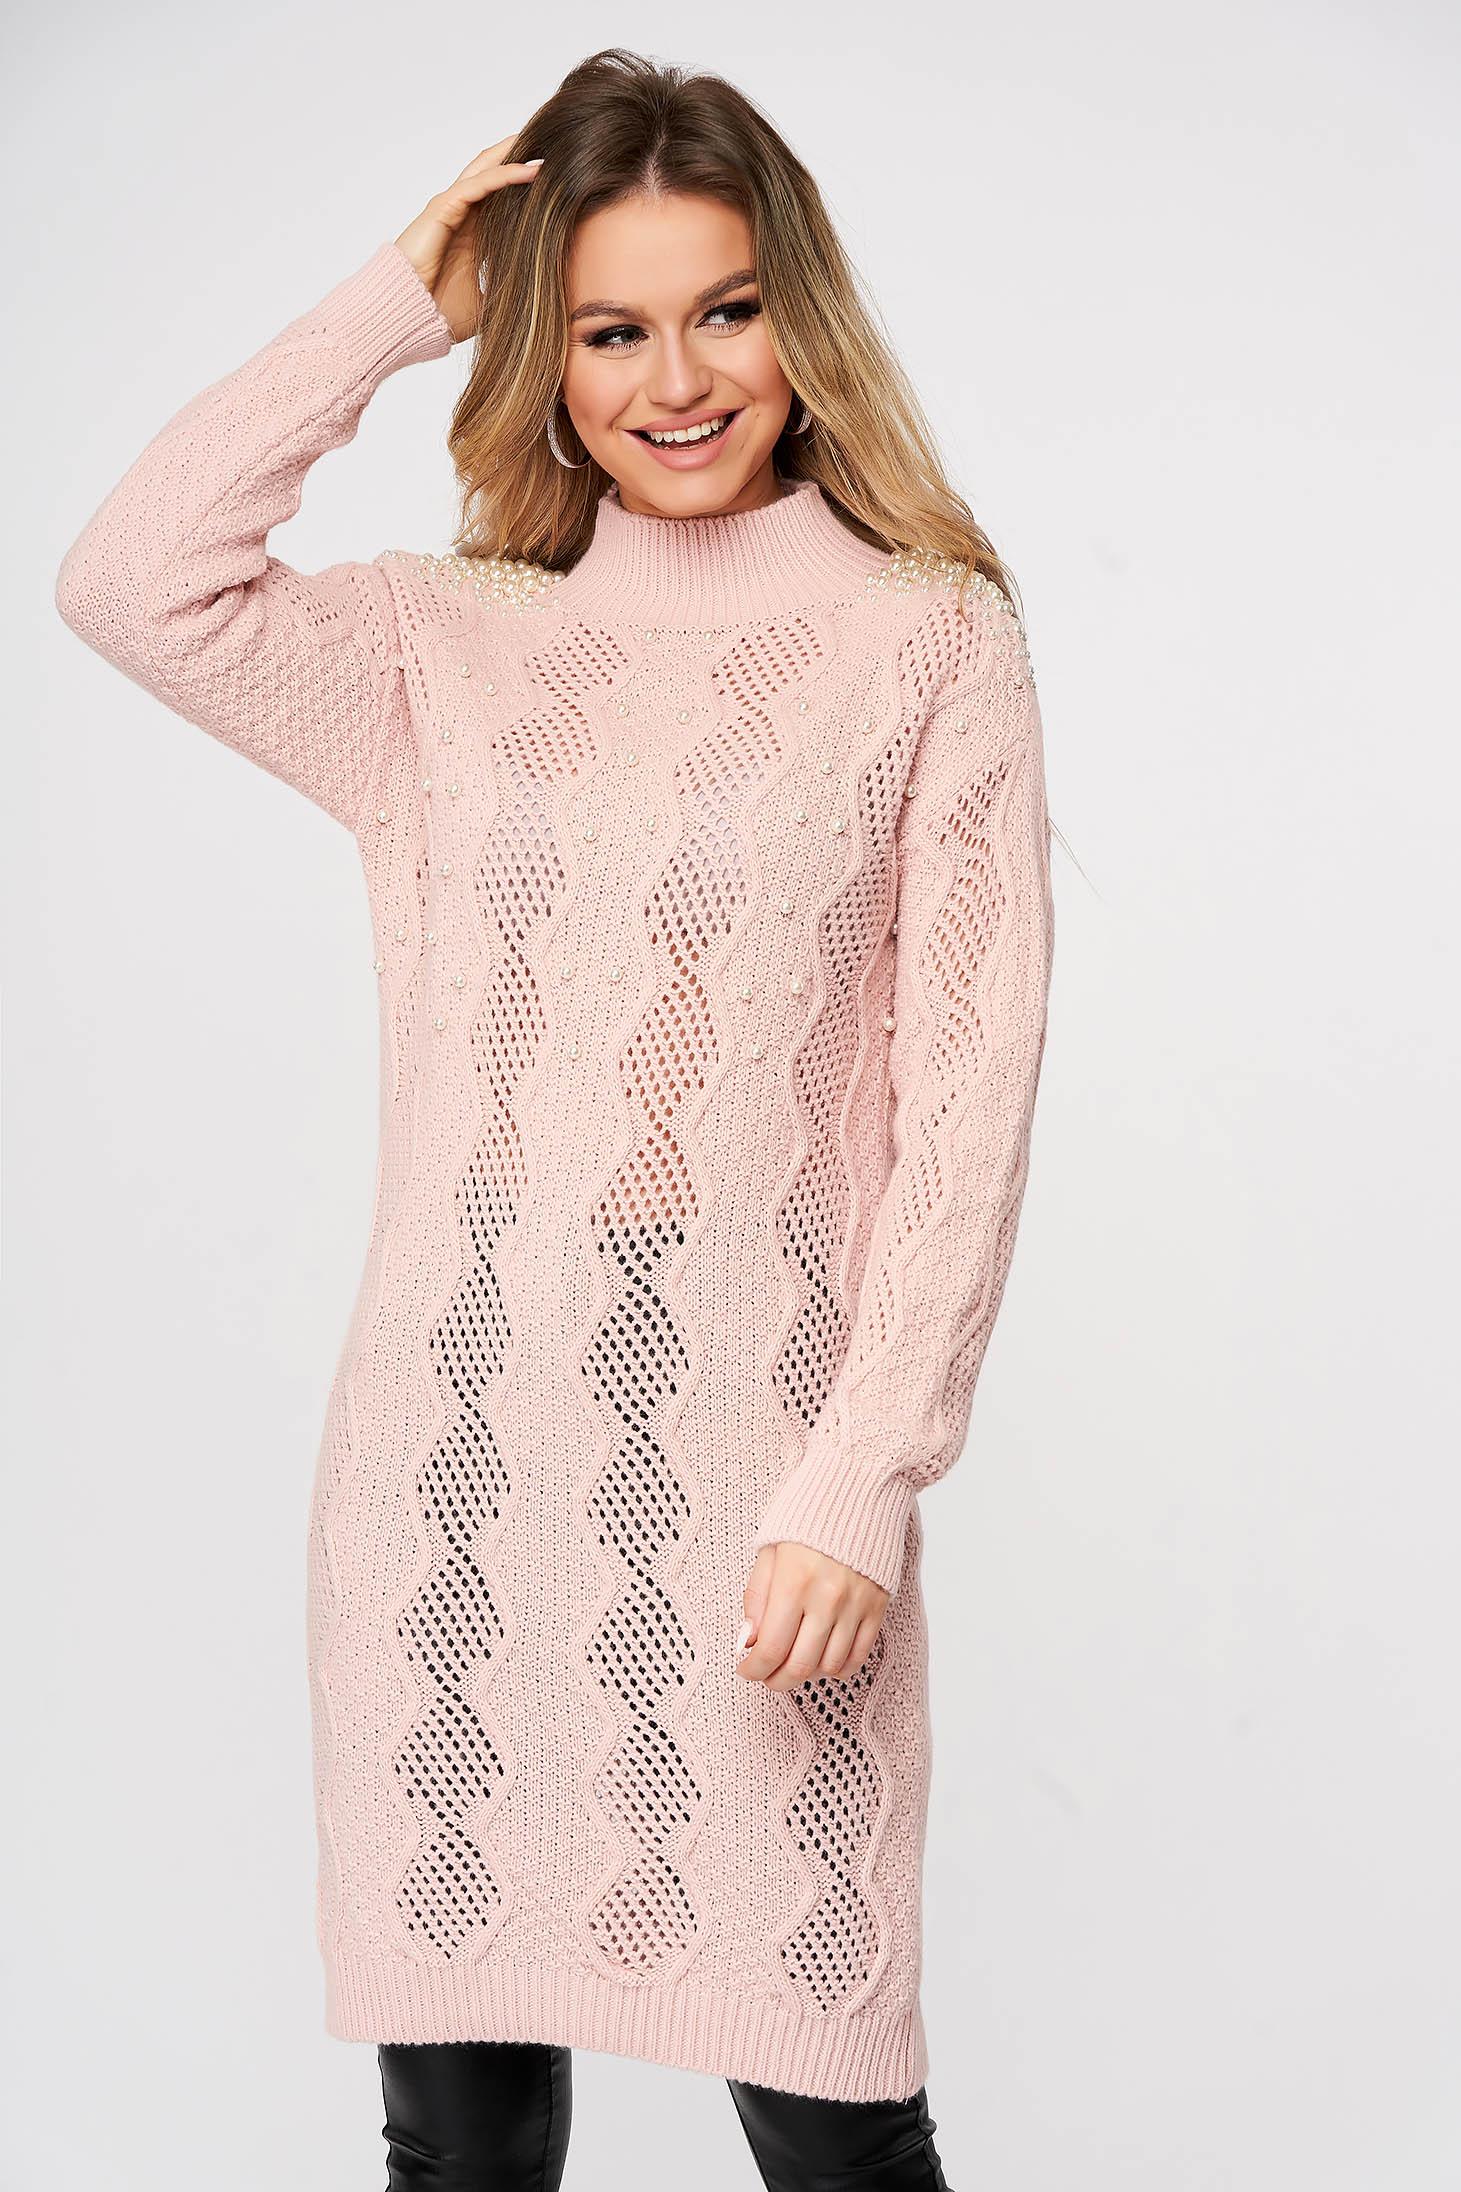 Pulover SunShine roz deschis lung tricotat cu croi larg si aplicatii cu perle